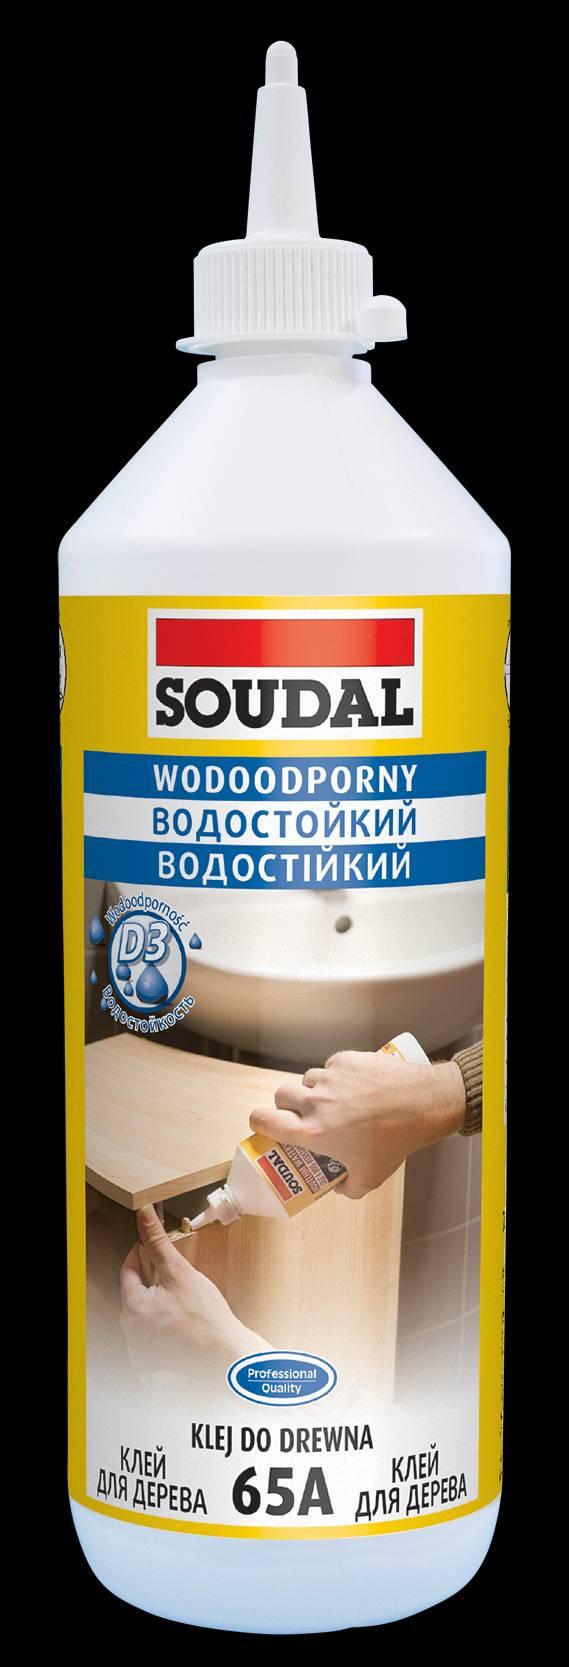 Soudal предлагает линейку клеев для ремонтно-реставрационных работ